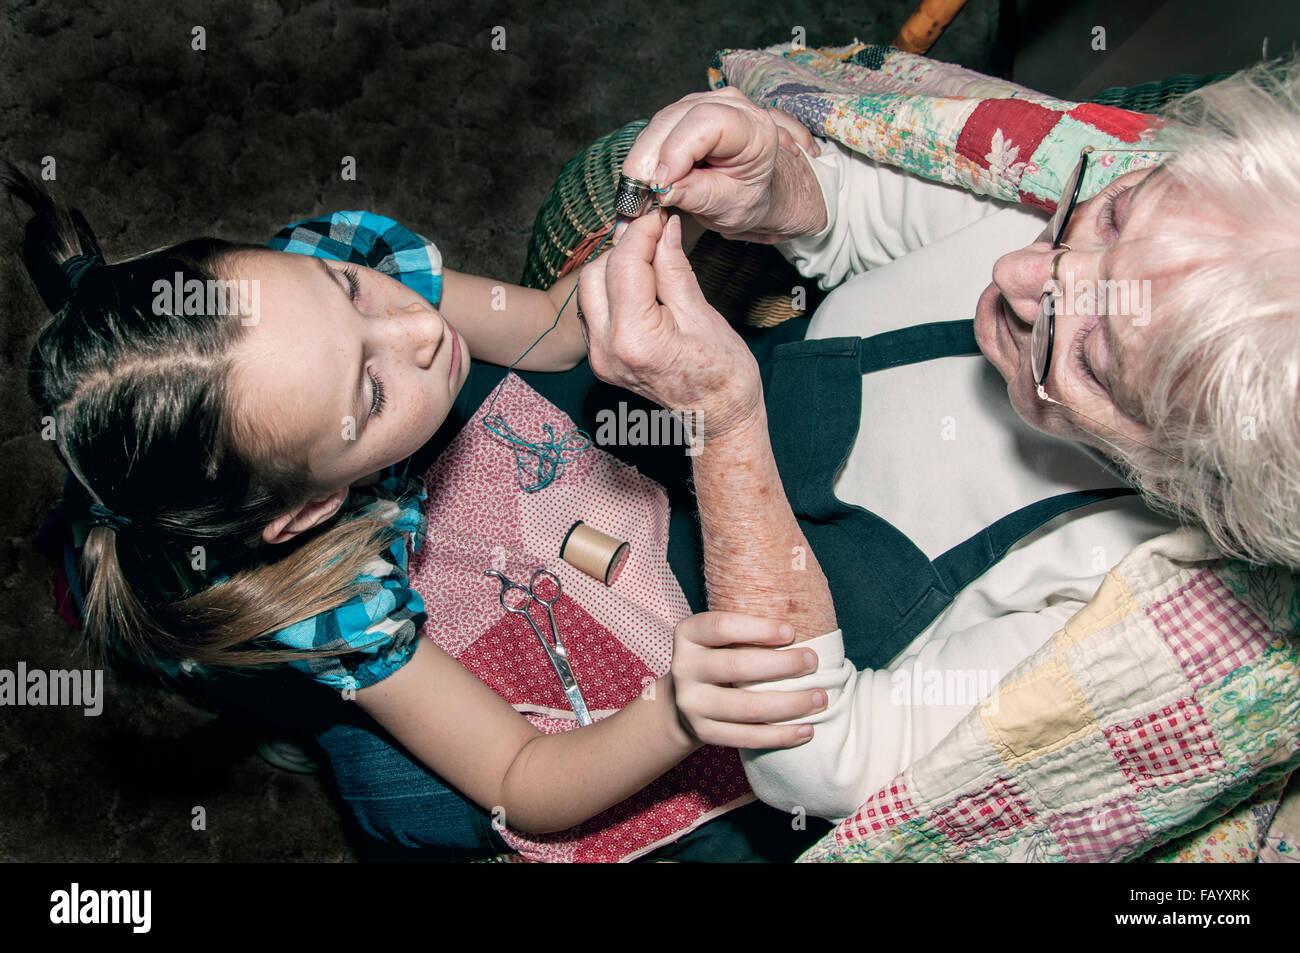 Ragazza con nonne mani stabilizzata con un ago di filettatura Immagini Stock